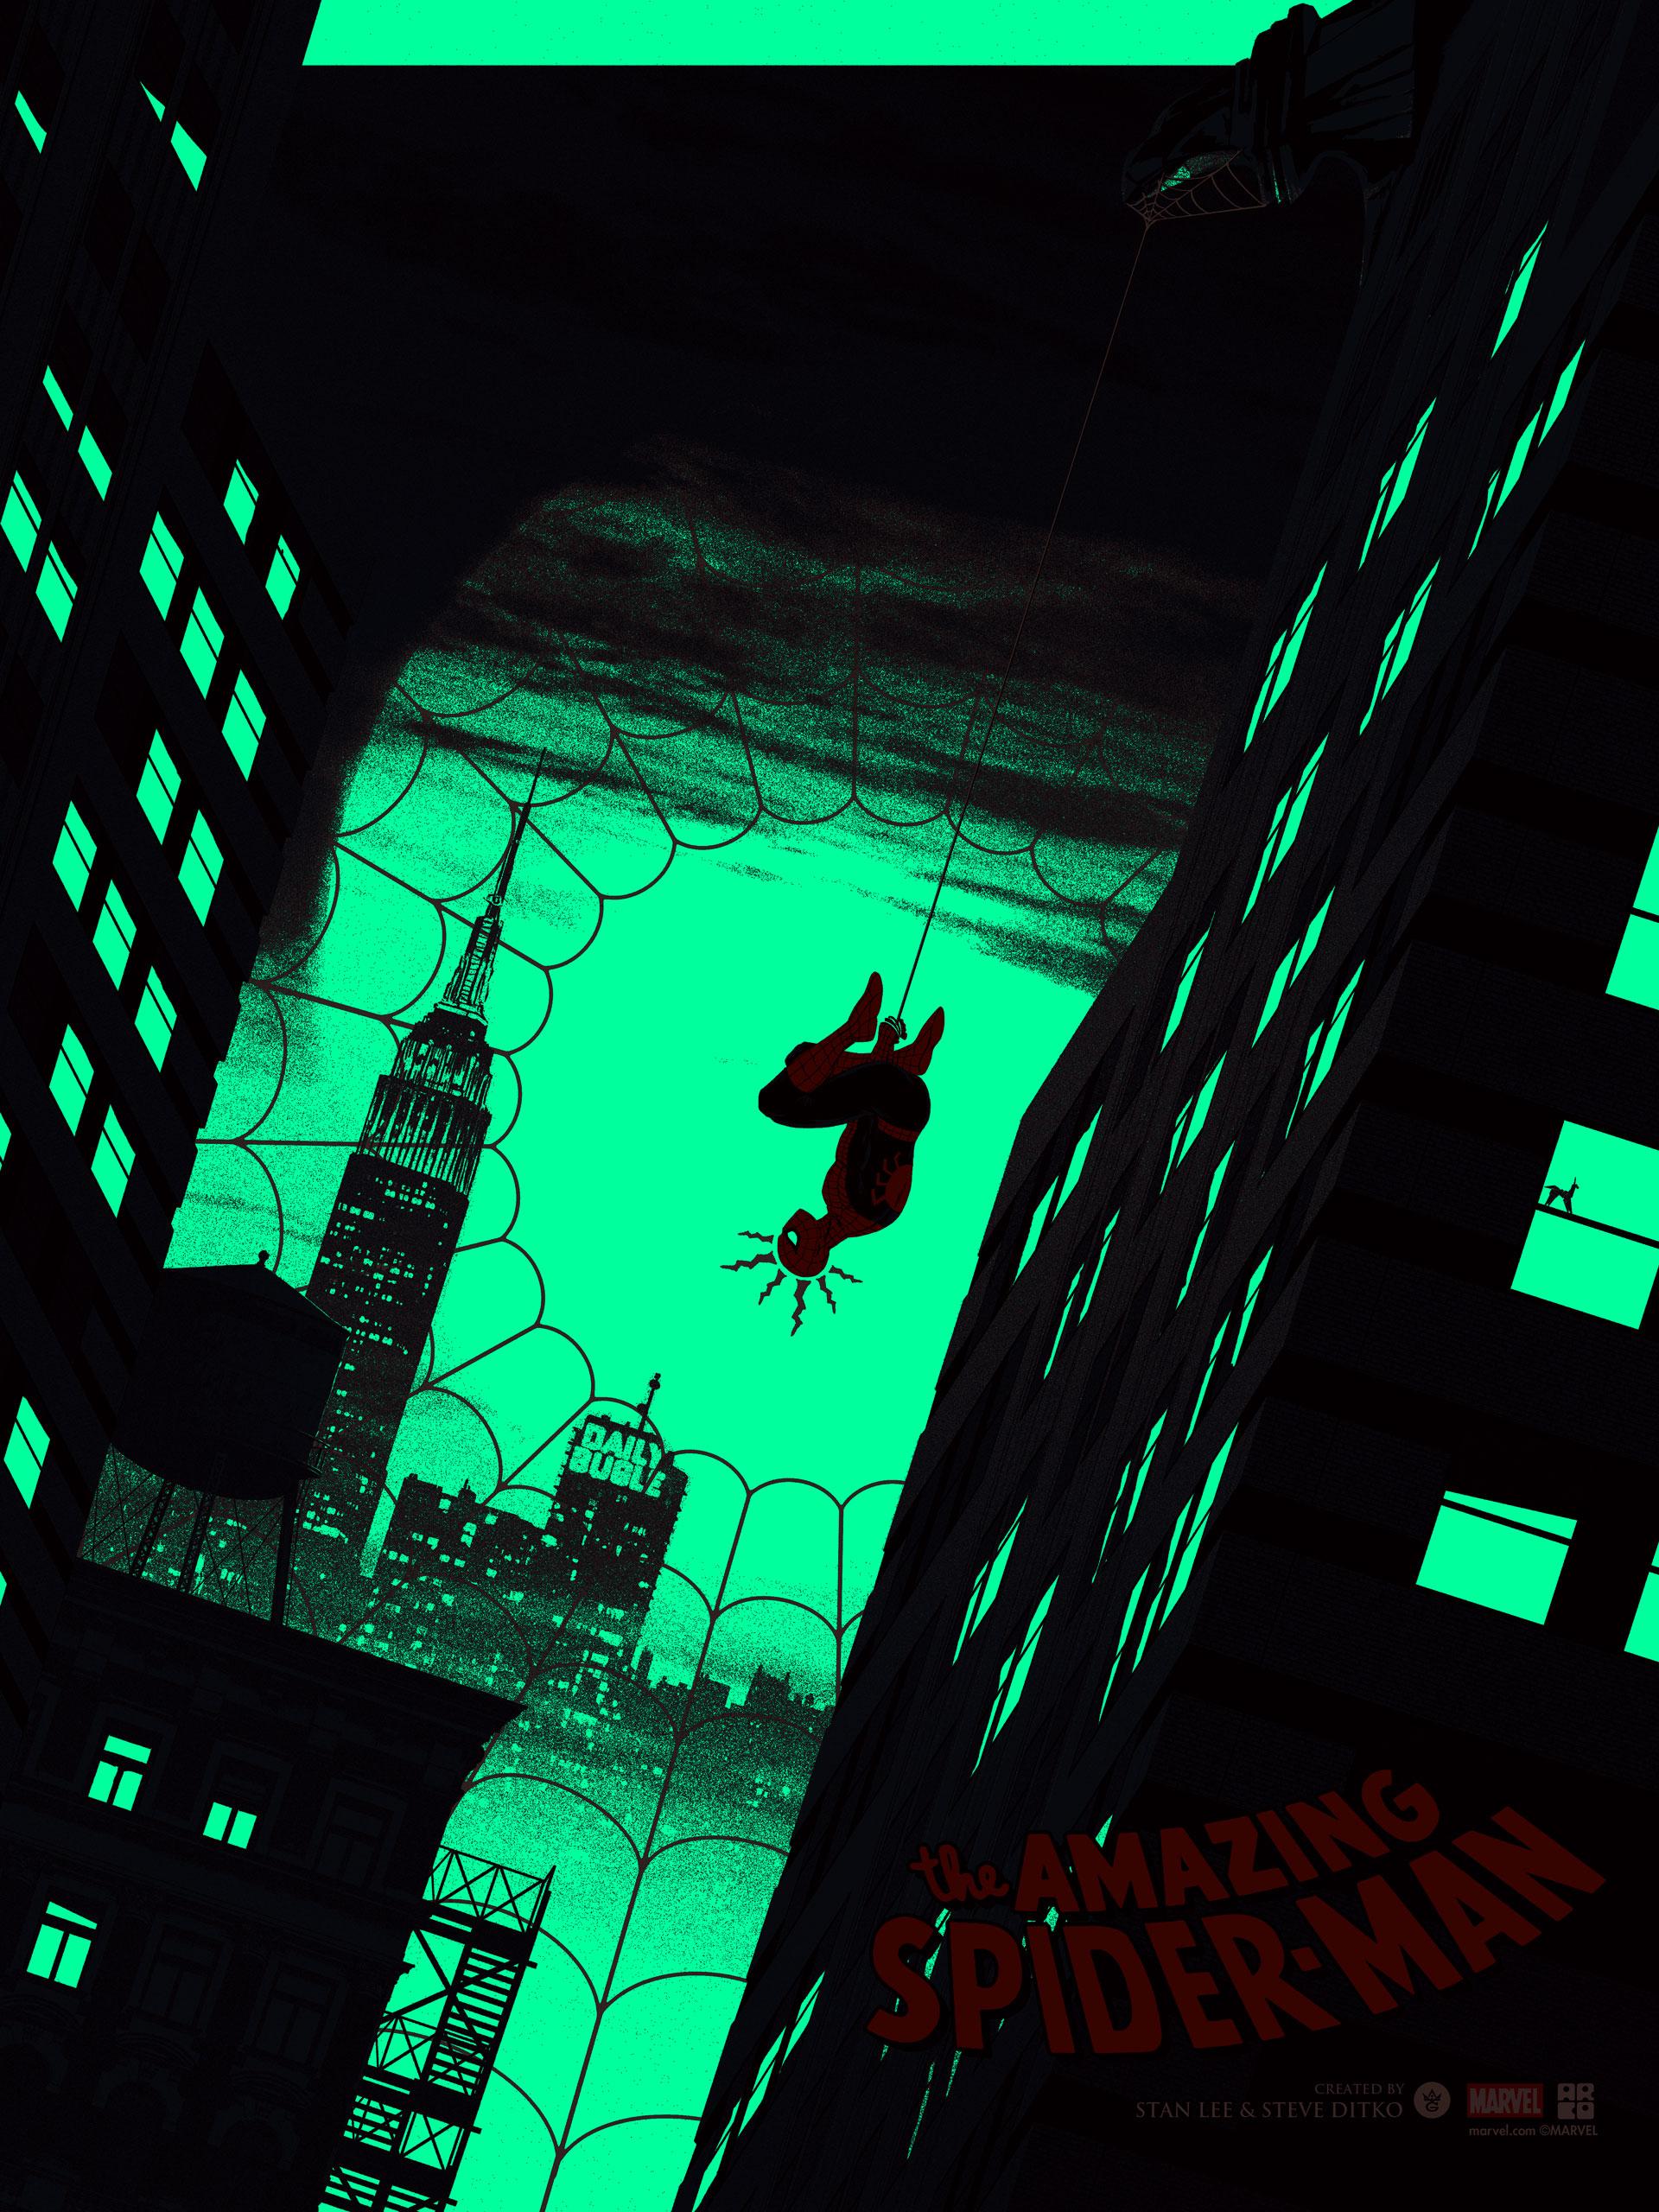 Spider-Man_Glow Layer Matt Feguson